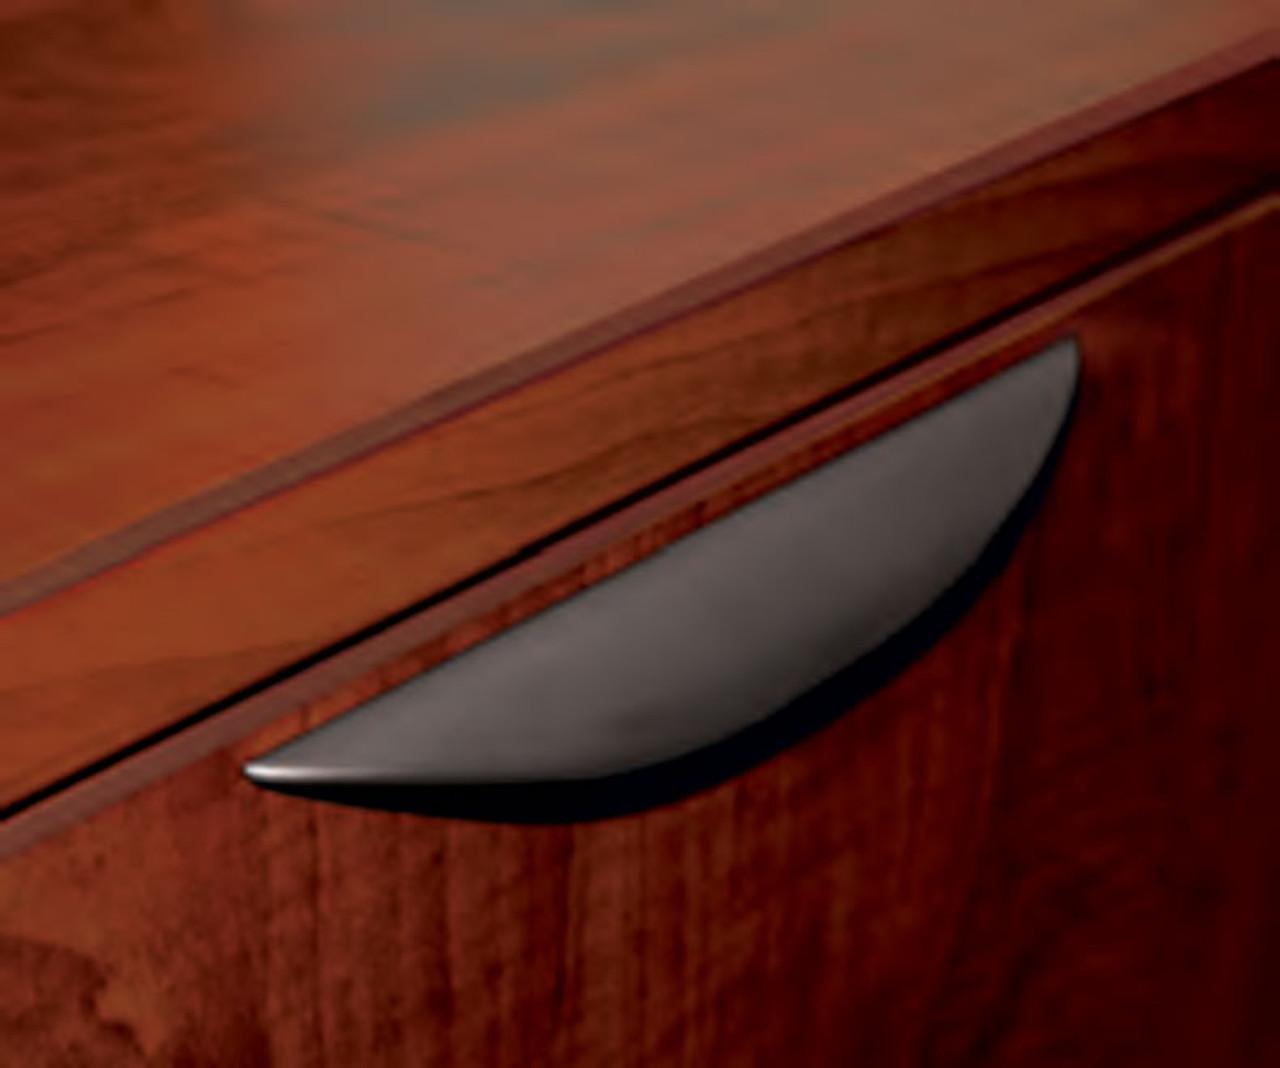 One Person Workstation w/Acrylic Aluminum Privacy Panel, #OT-SUL-HPO87